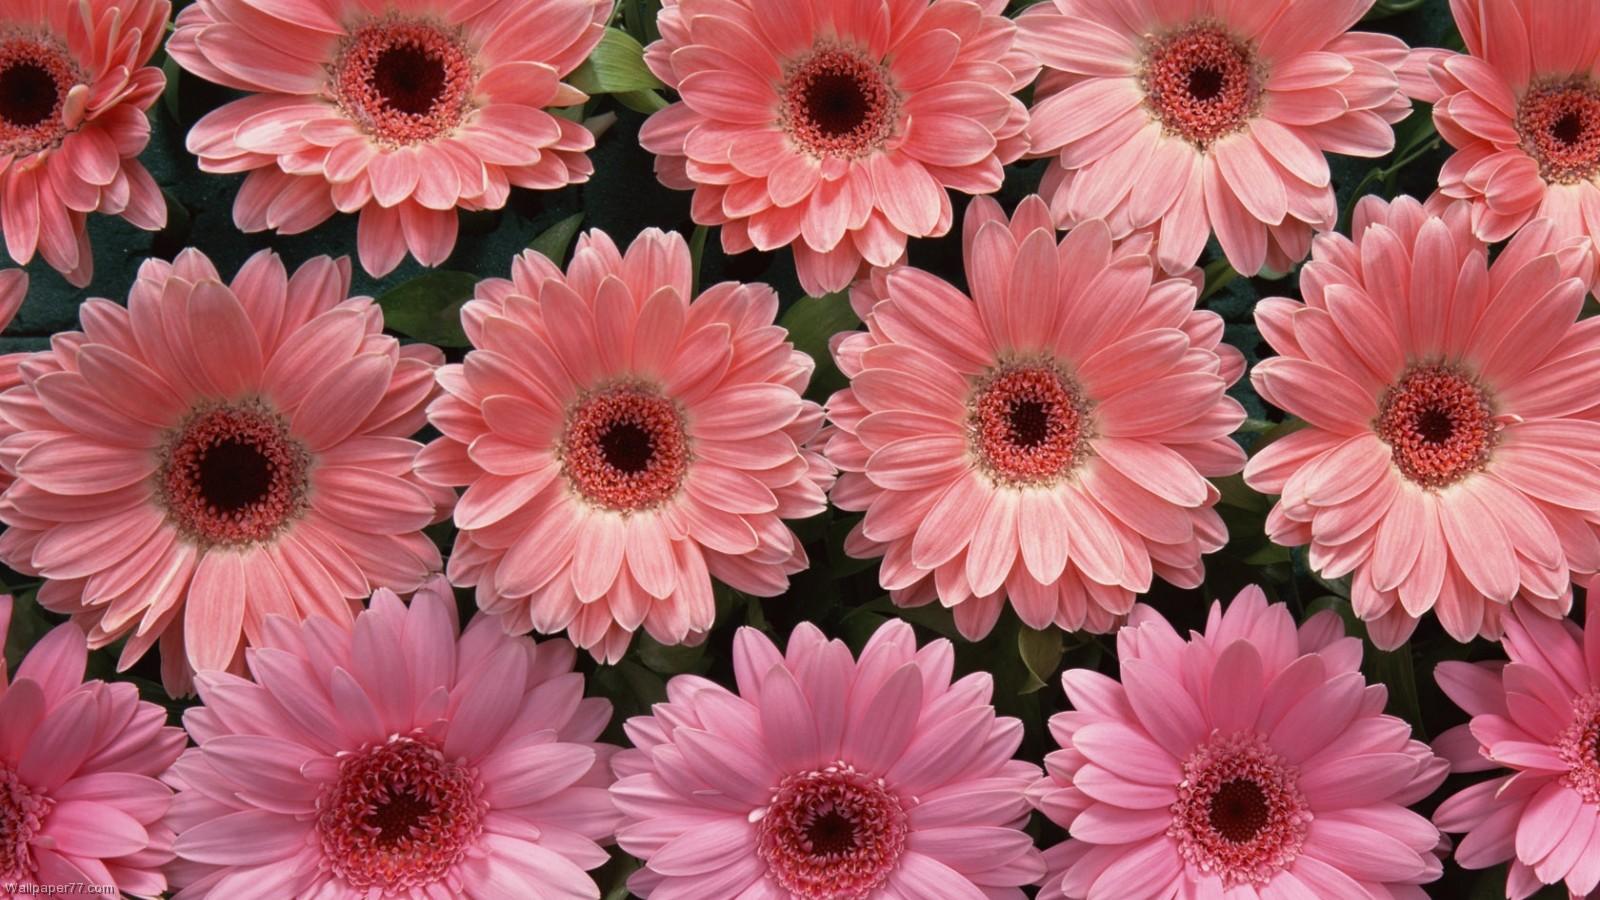 Pink Flowers Desktop Wallpaper 12 Widescreen Wallpaper